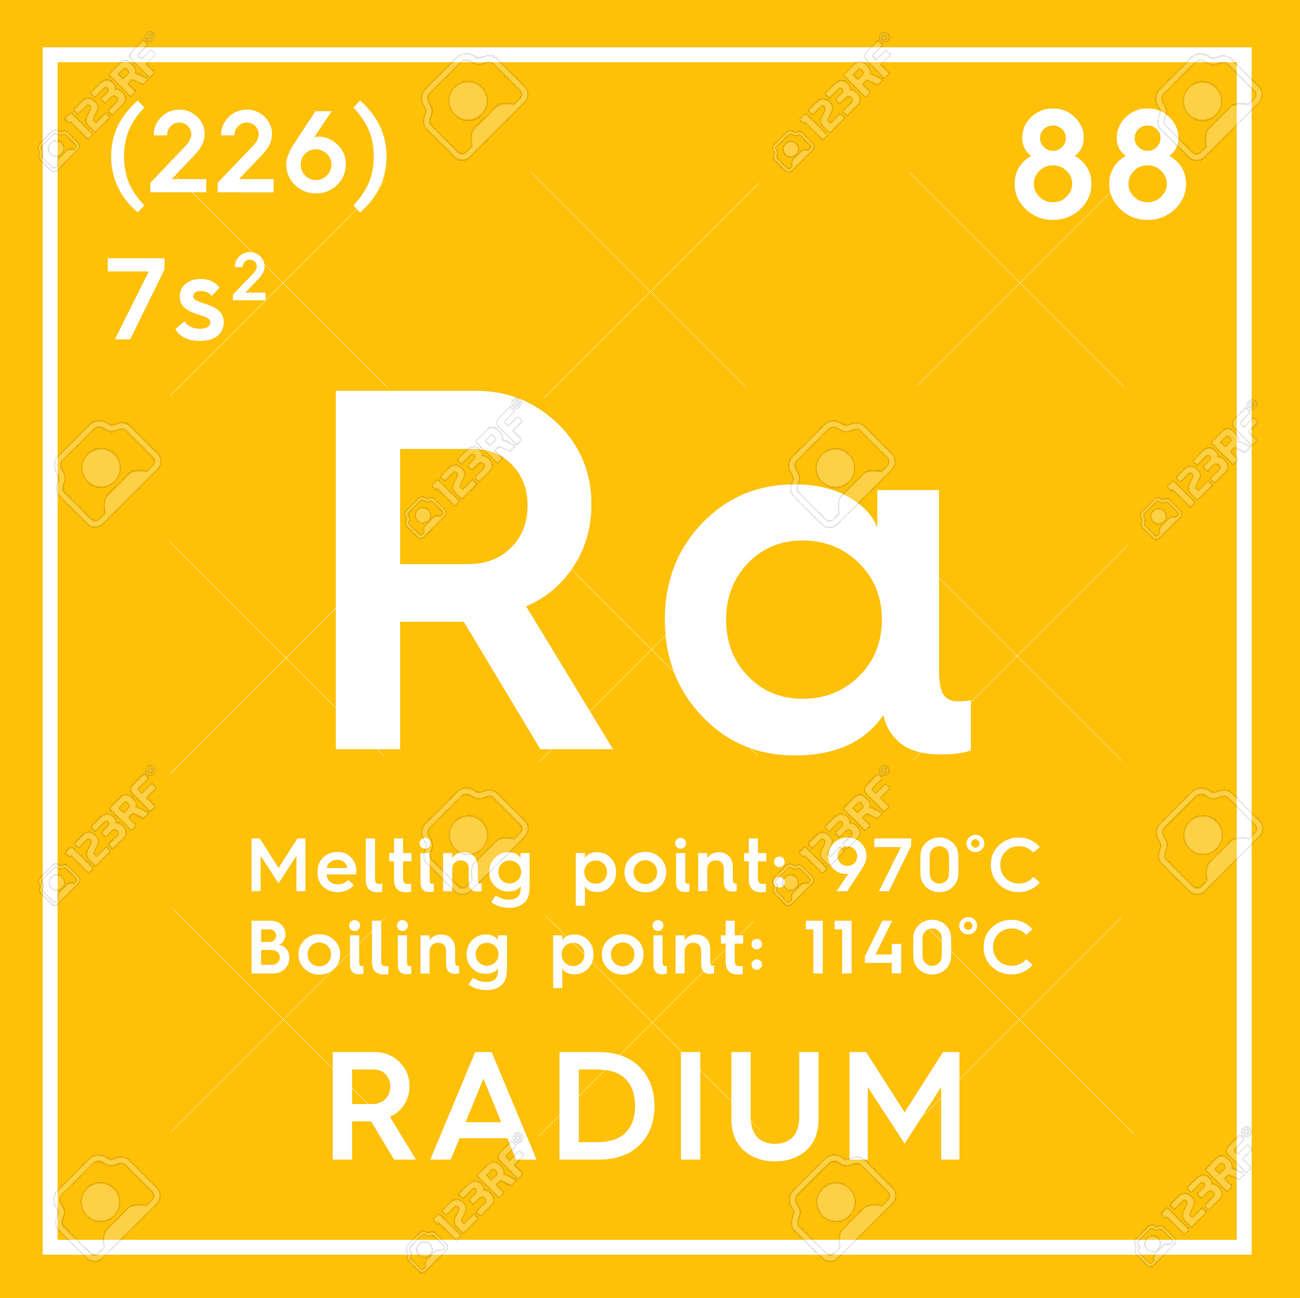 Radio metales alcalinotrreos elemento qumico de la tabla foto de archivo radio metales alcalinotrreos elemento qumico de la tabla peridica de mendeleev radium en cubo cuadrado concepto creativo urtaz Images